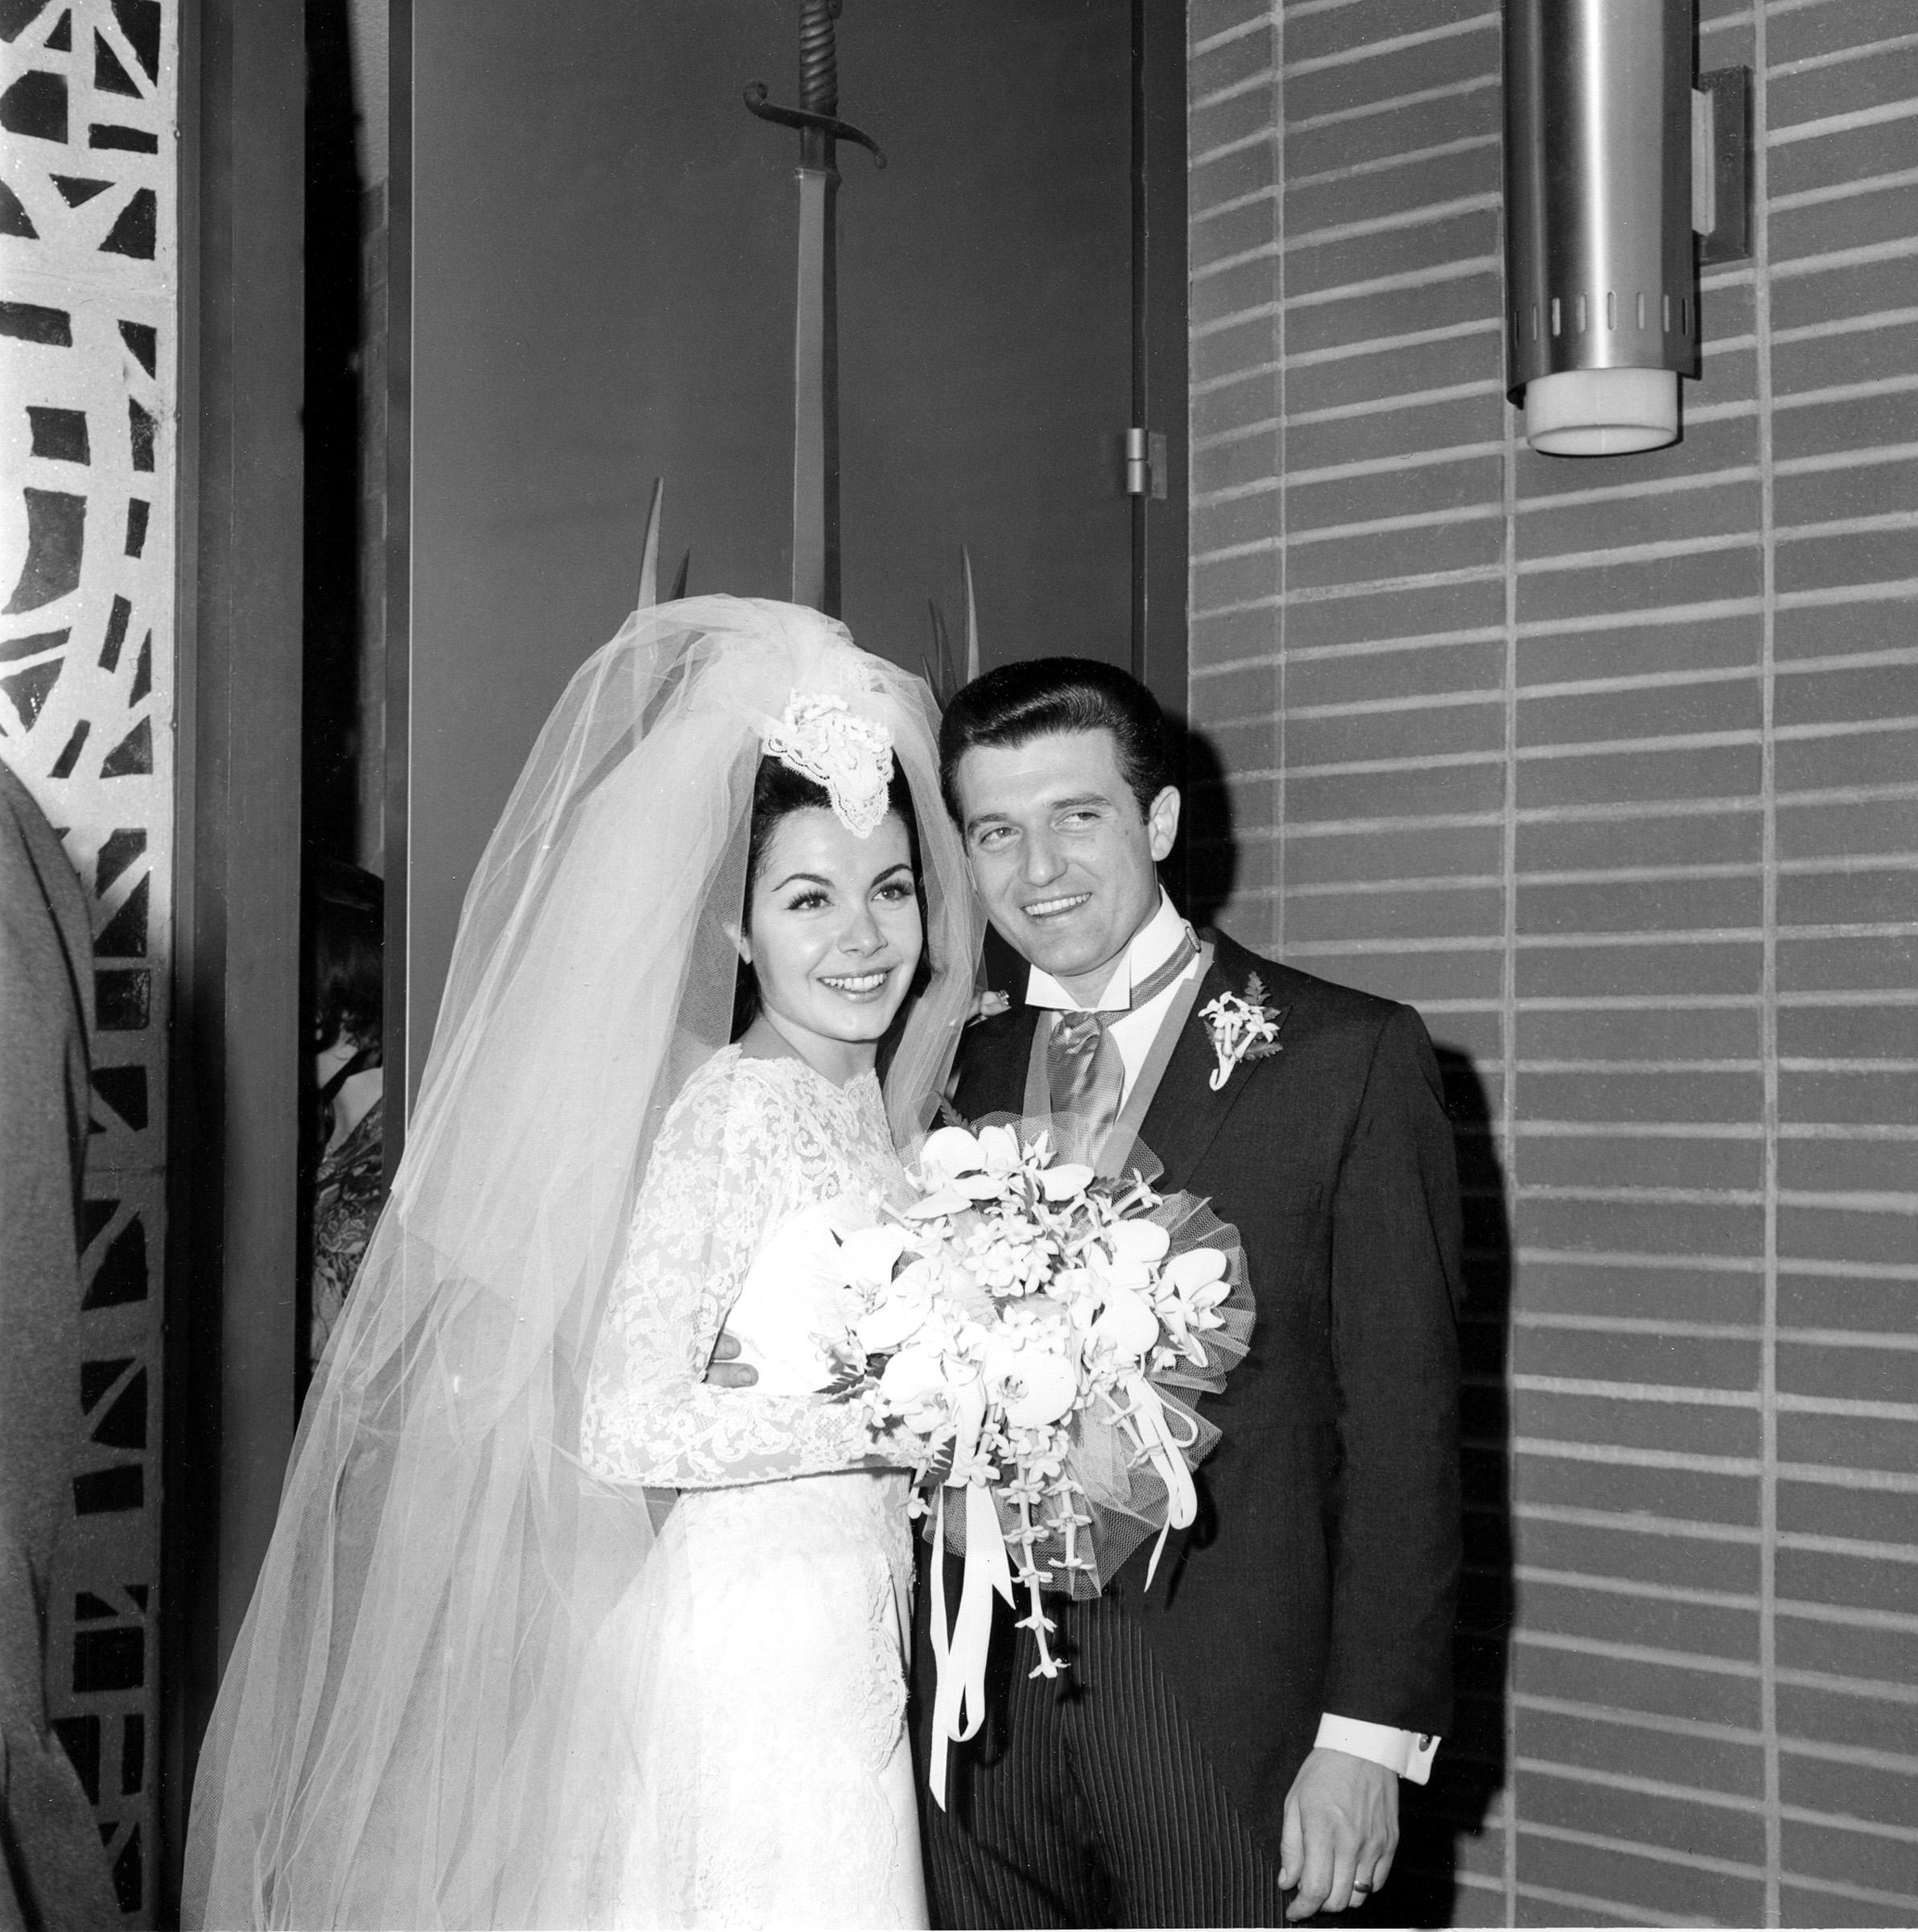 Frankie Valli Wife Randy Clohessy